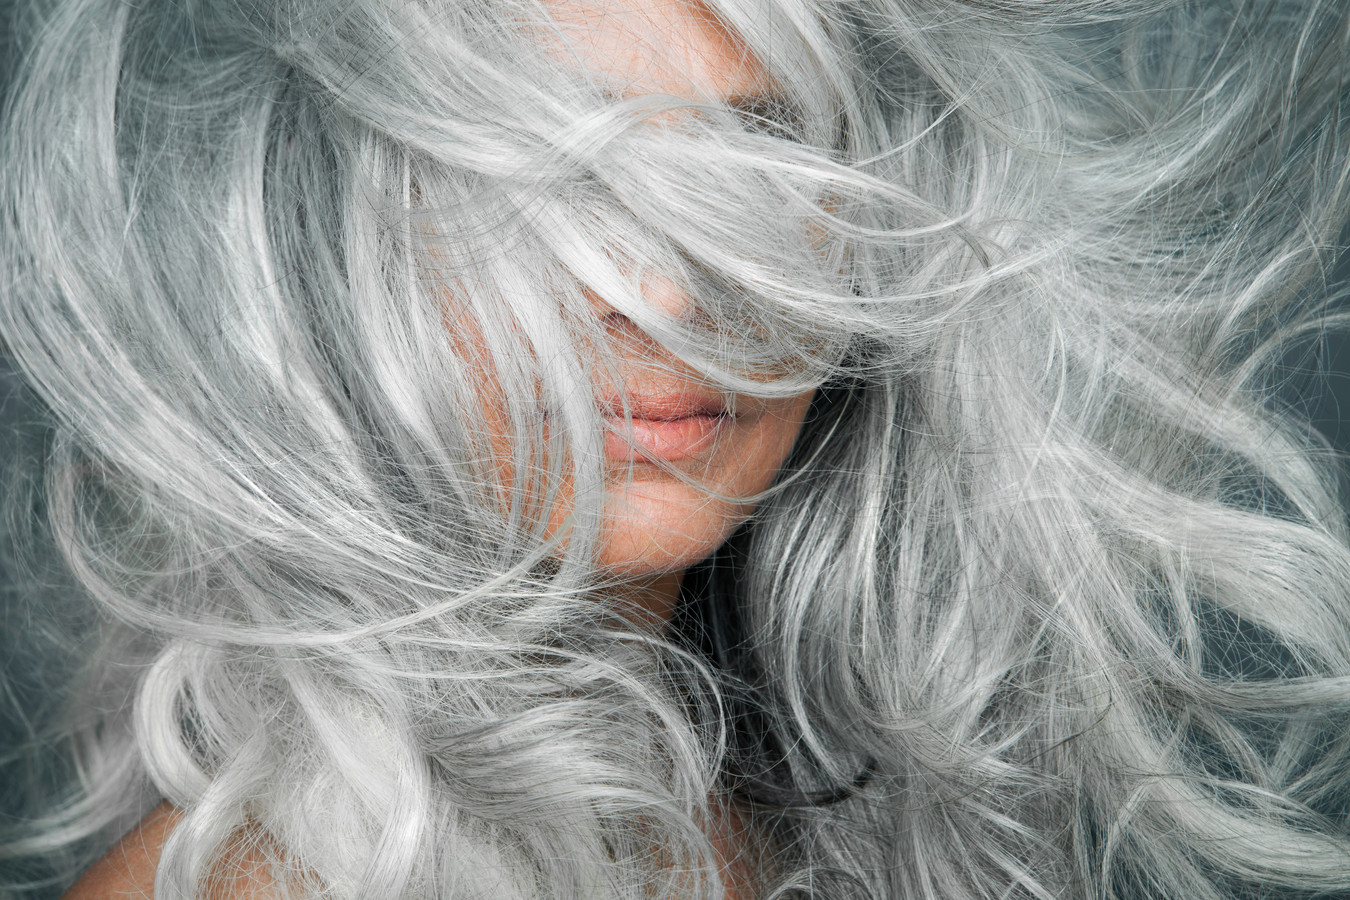 Les cheveux gris s'affichent fièrement désormais.